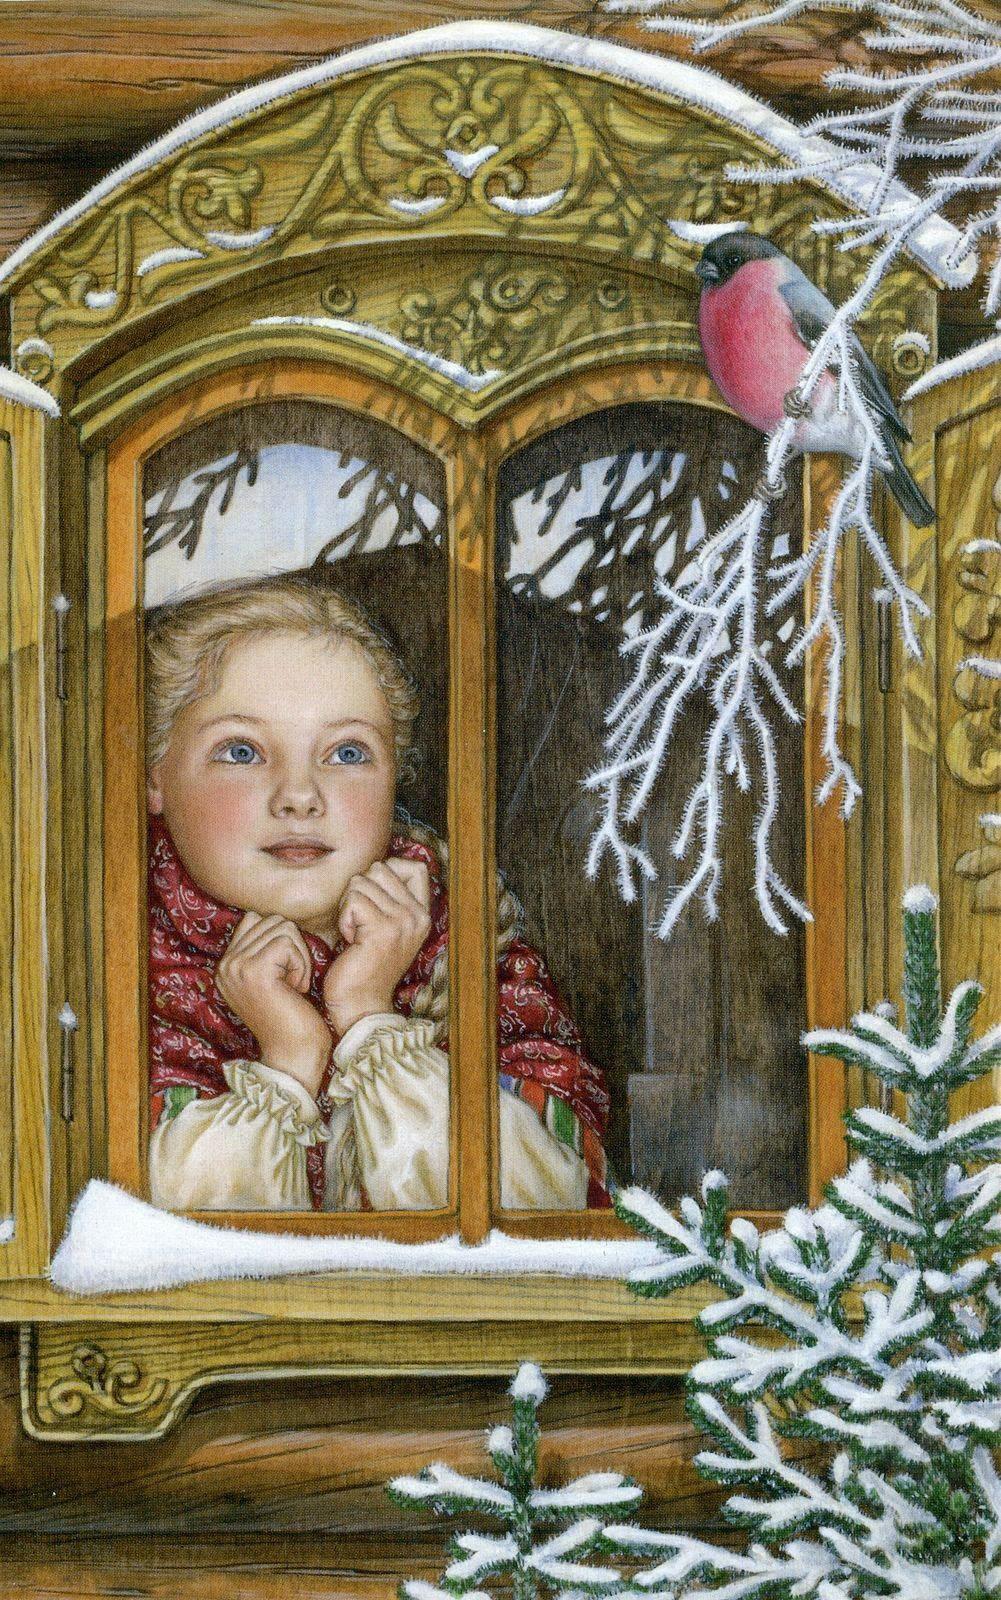 Картинках надписями, галерея зимних открыток